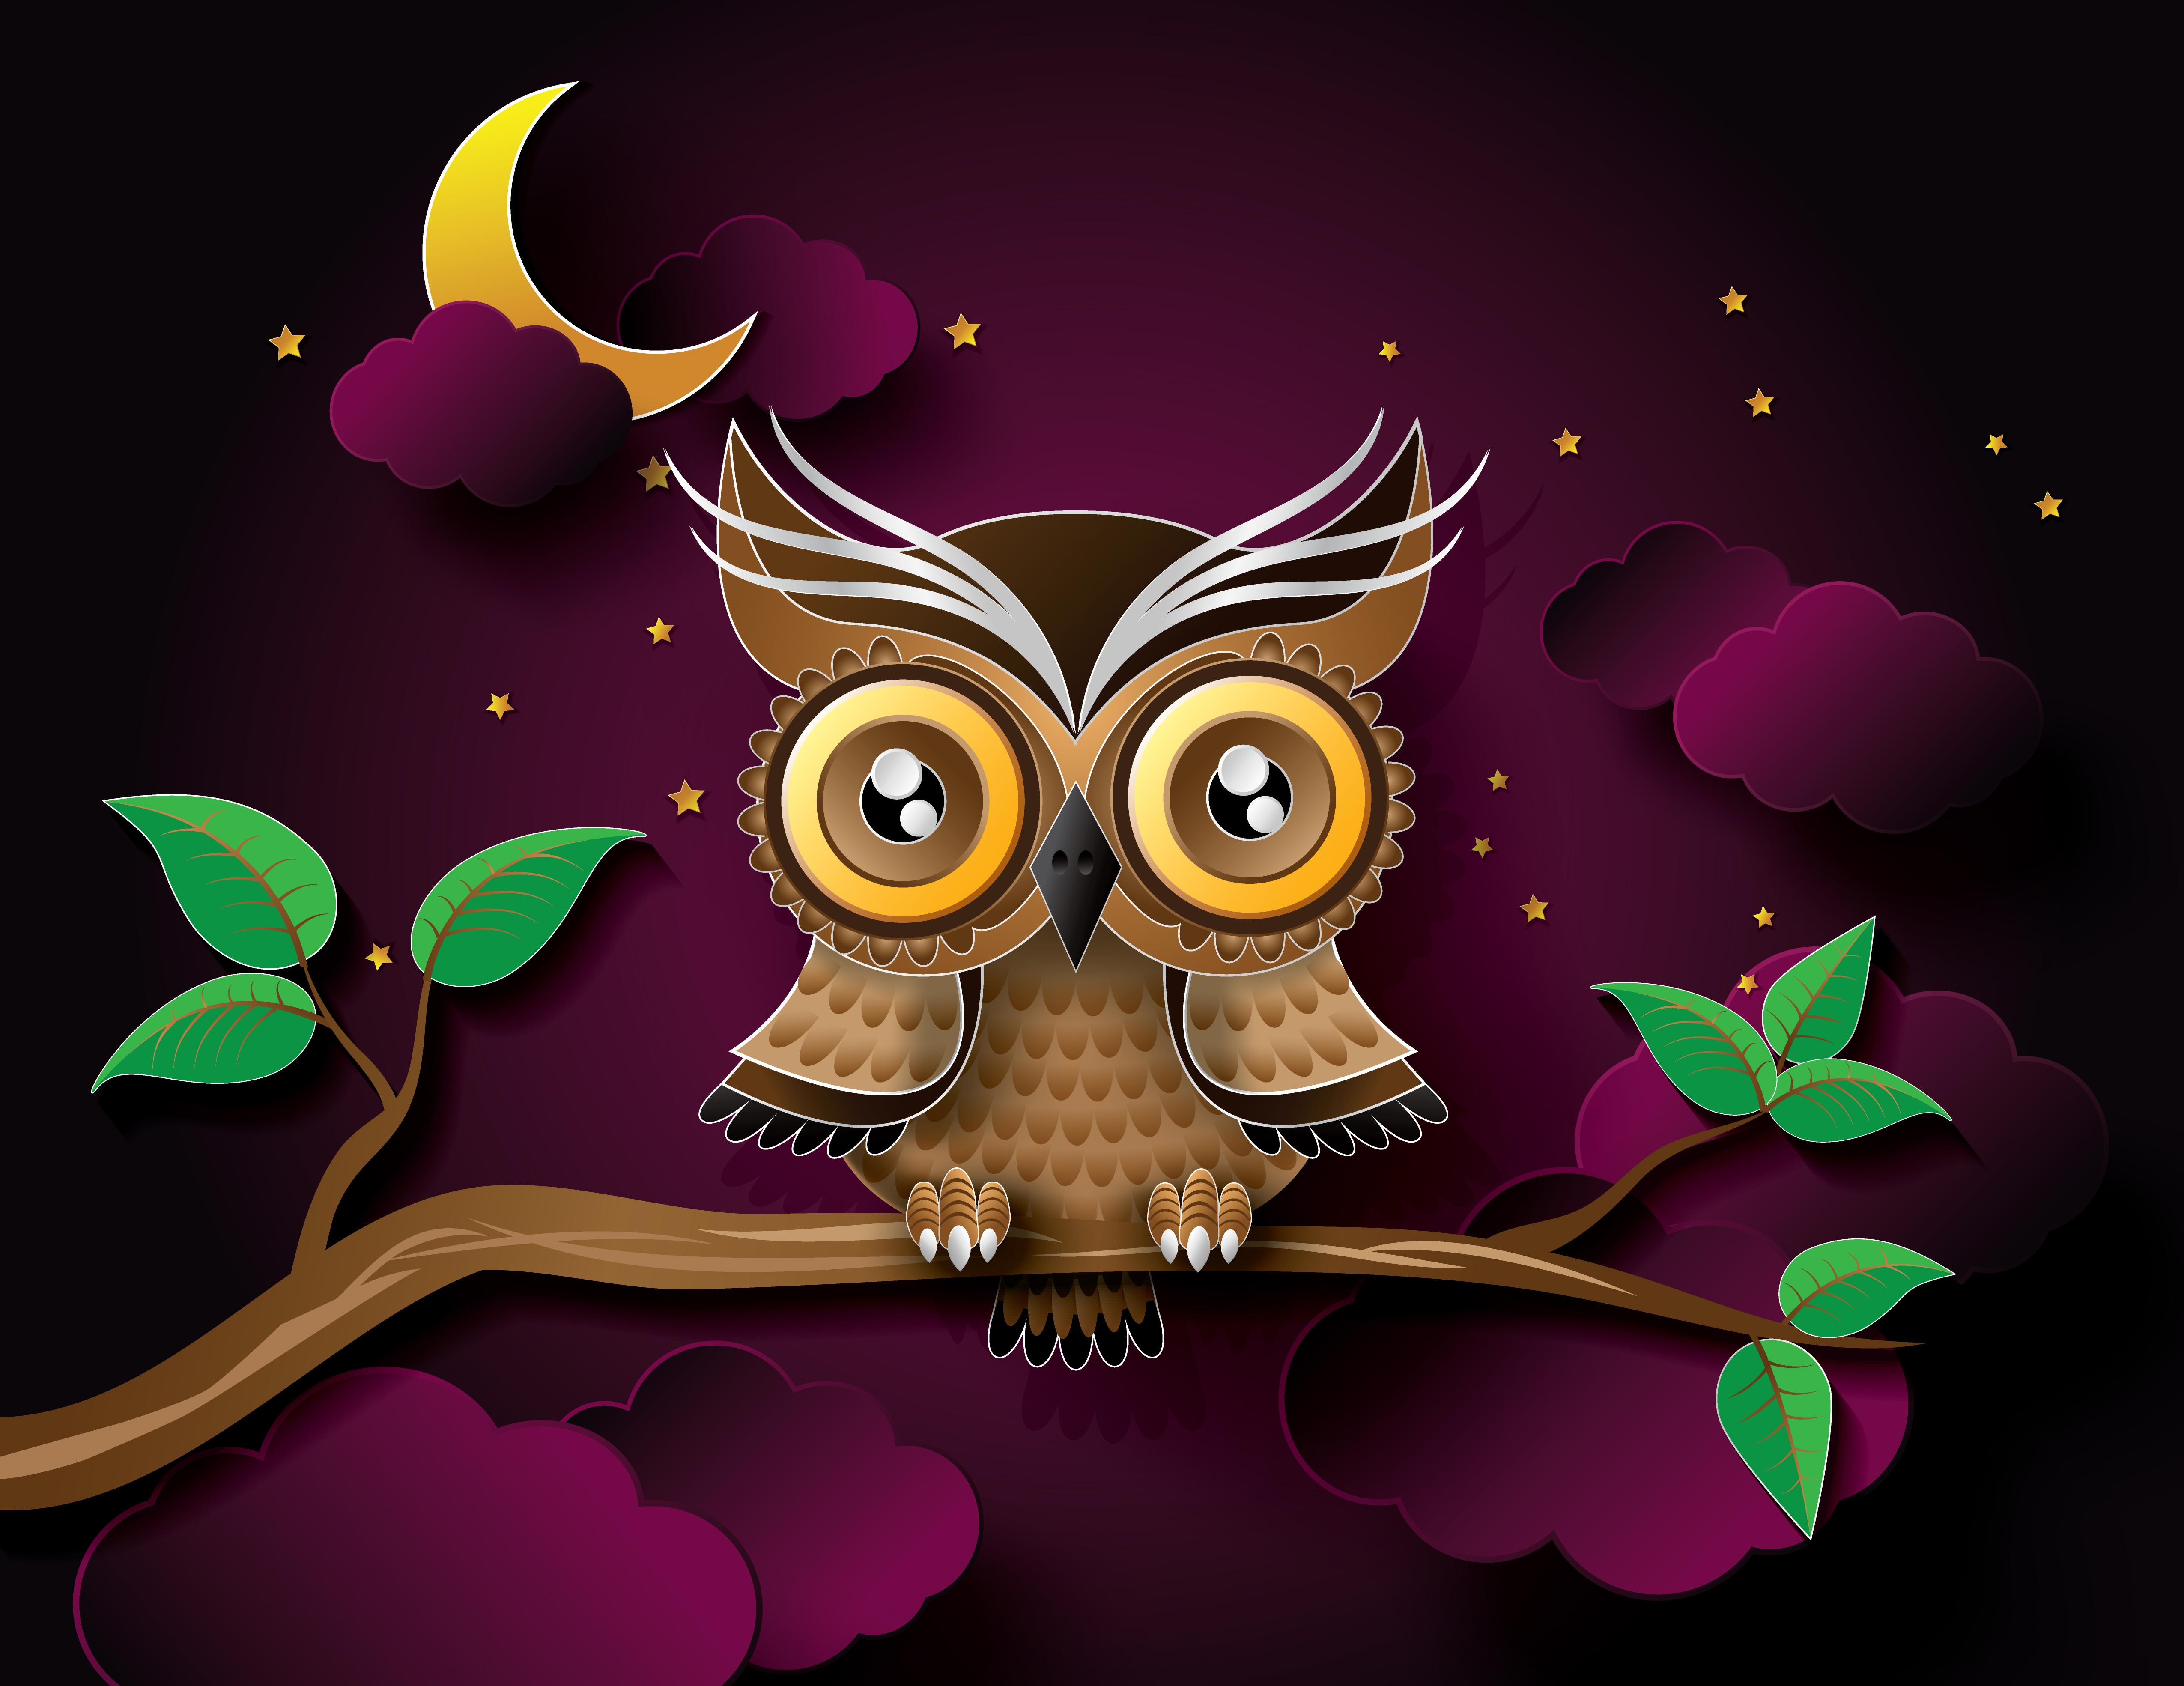 Illustration Branch Bird Of Prey Owl ART